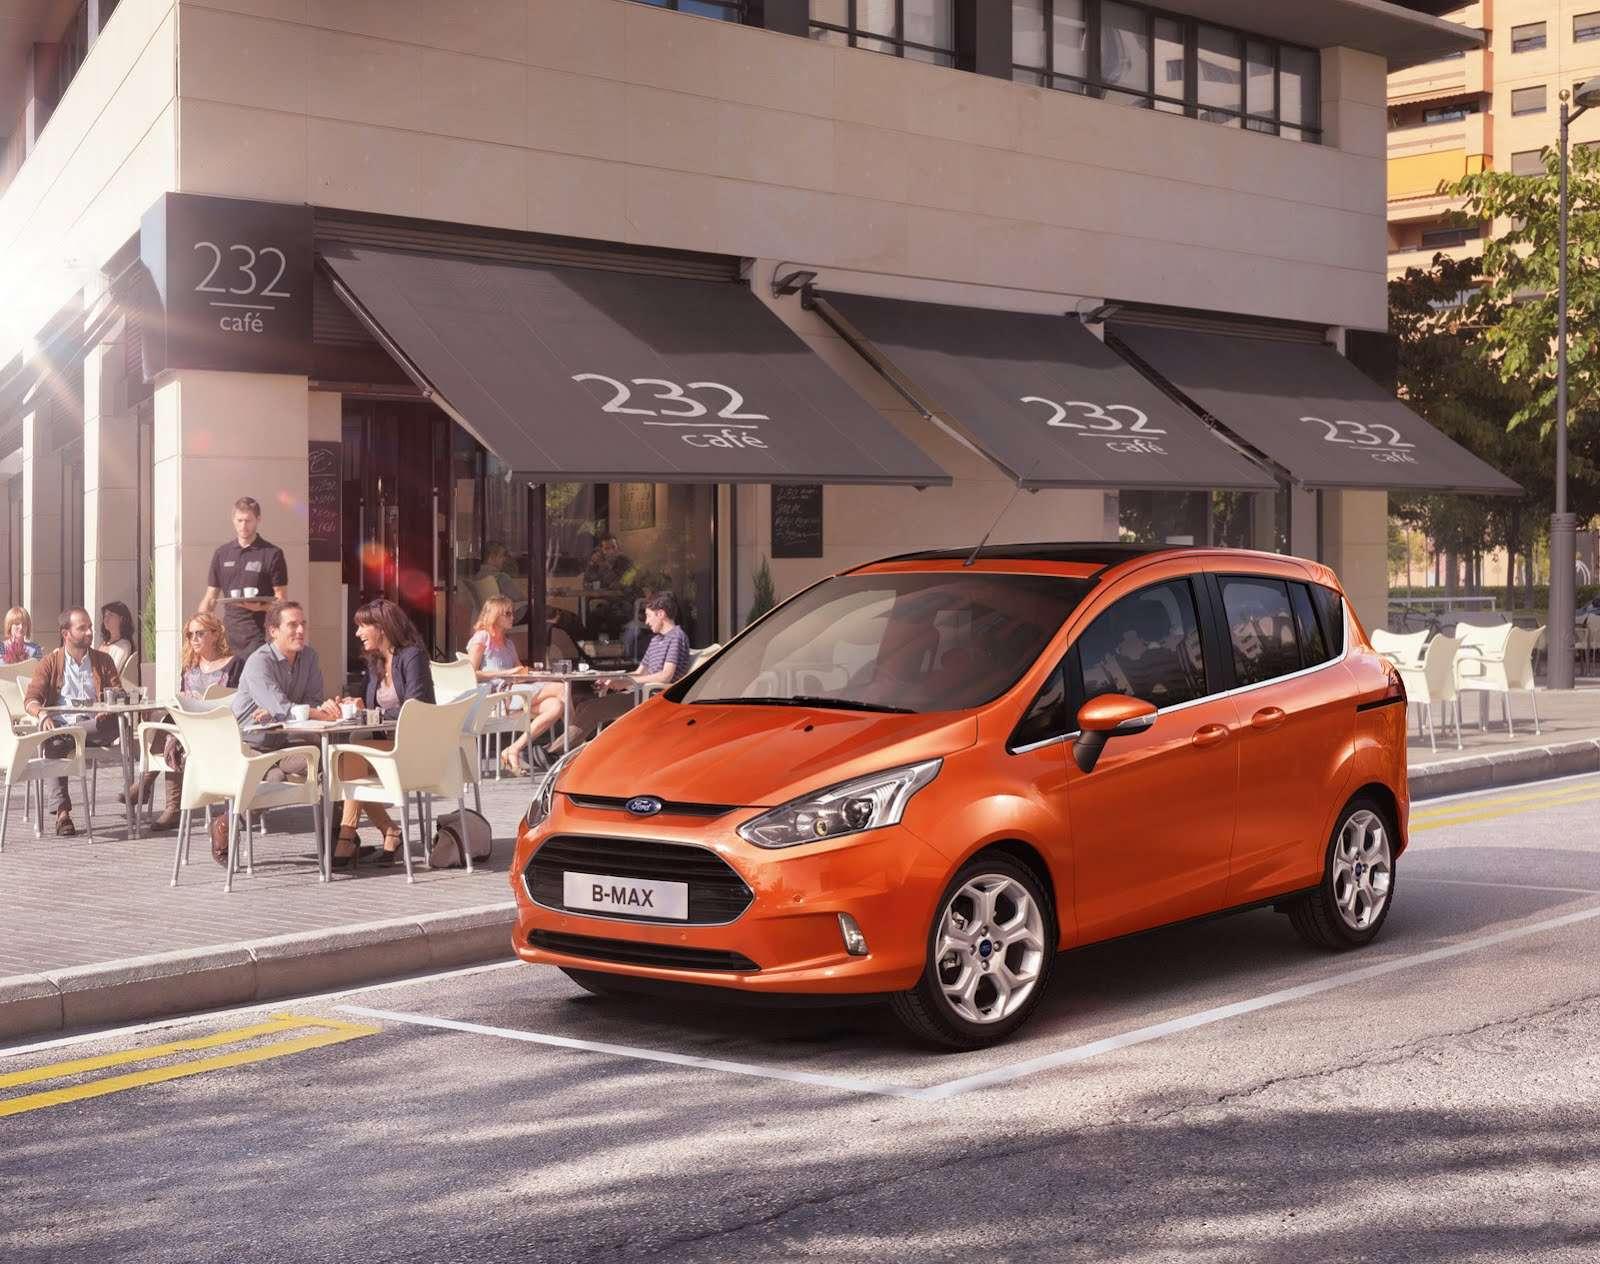 Ford B-MAX pierwsze zdjecie fot styczen 2012